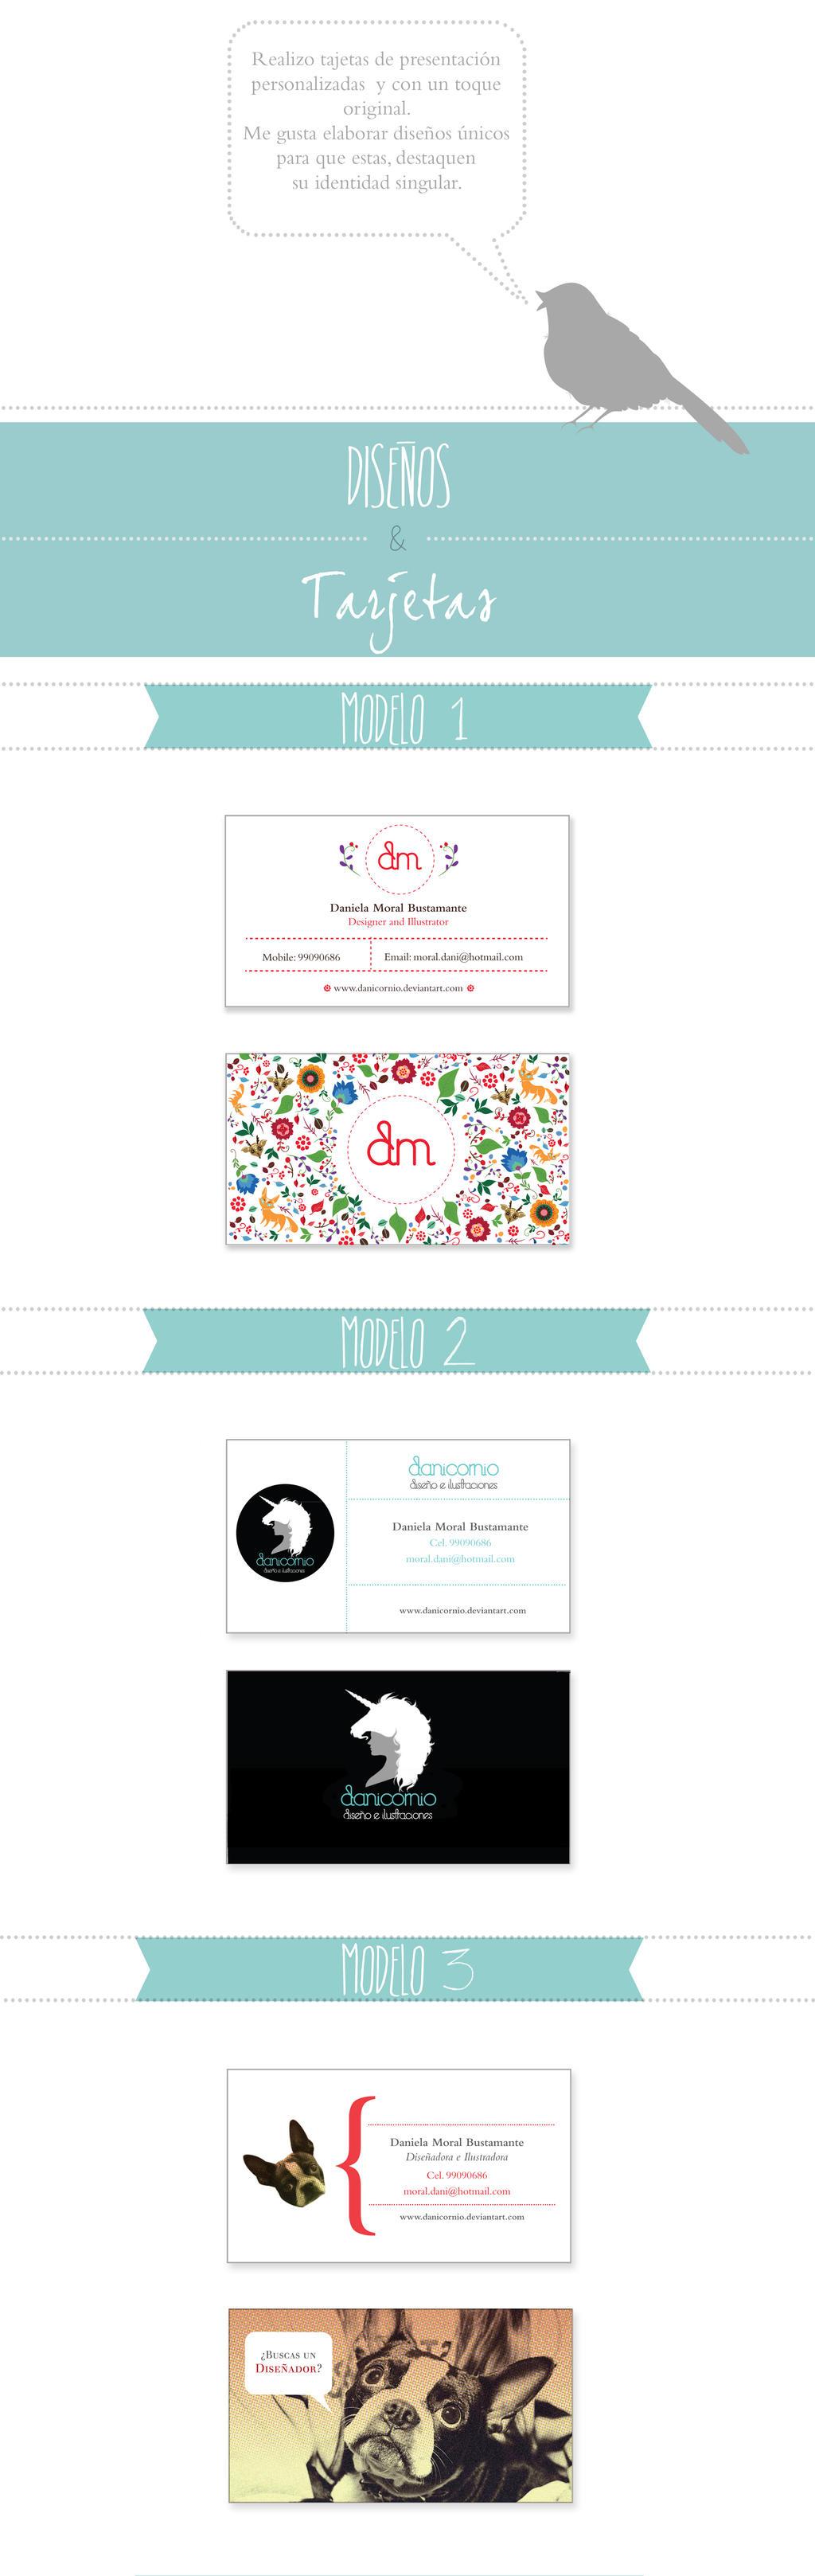 tarjetas de presentacion by Danicornio